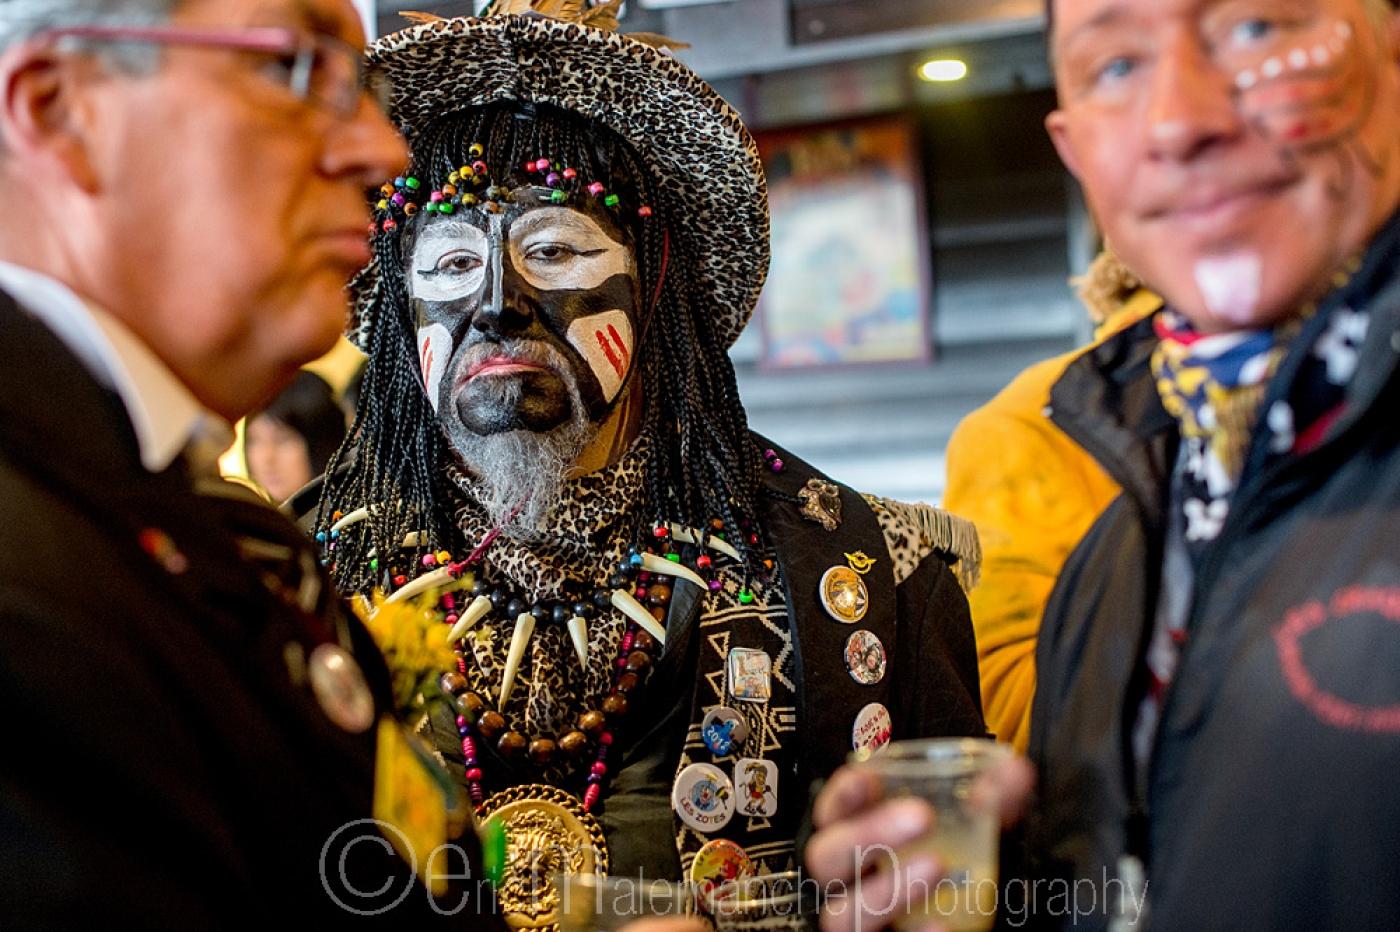 http://www.ericmalemanche.com/imagess/topics/carnaval-de-dunkerque/liste/Carnaval-Dunkerque-5780.jpg